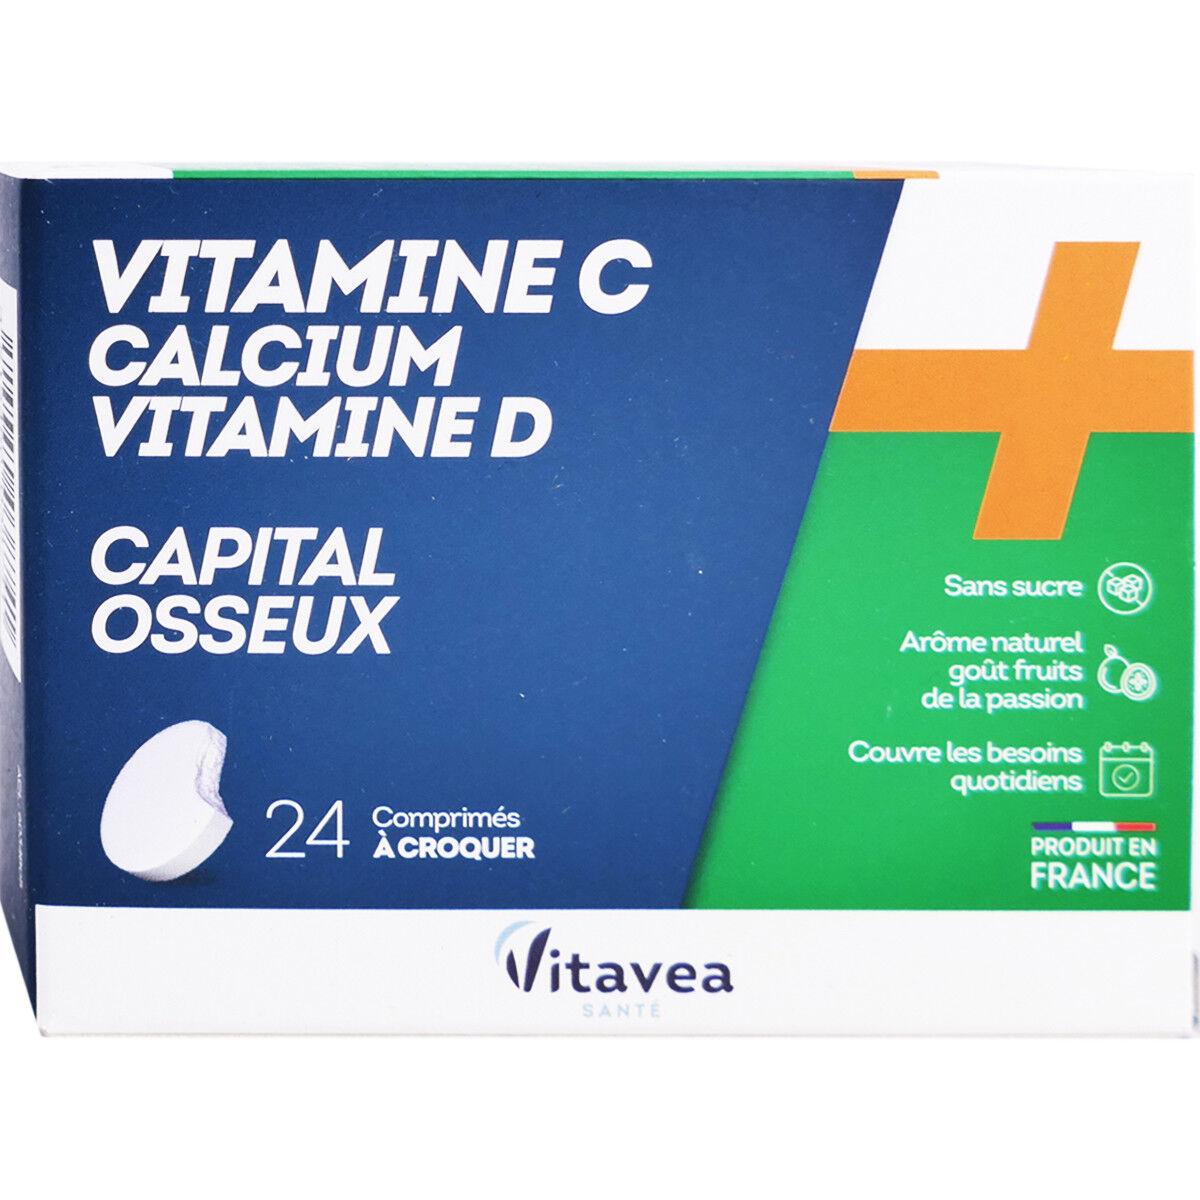 Vitavea vitamine c calcium vitamine d capital osseux 24 comprimes